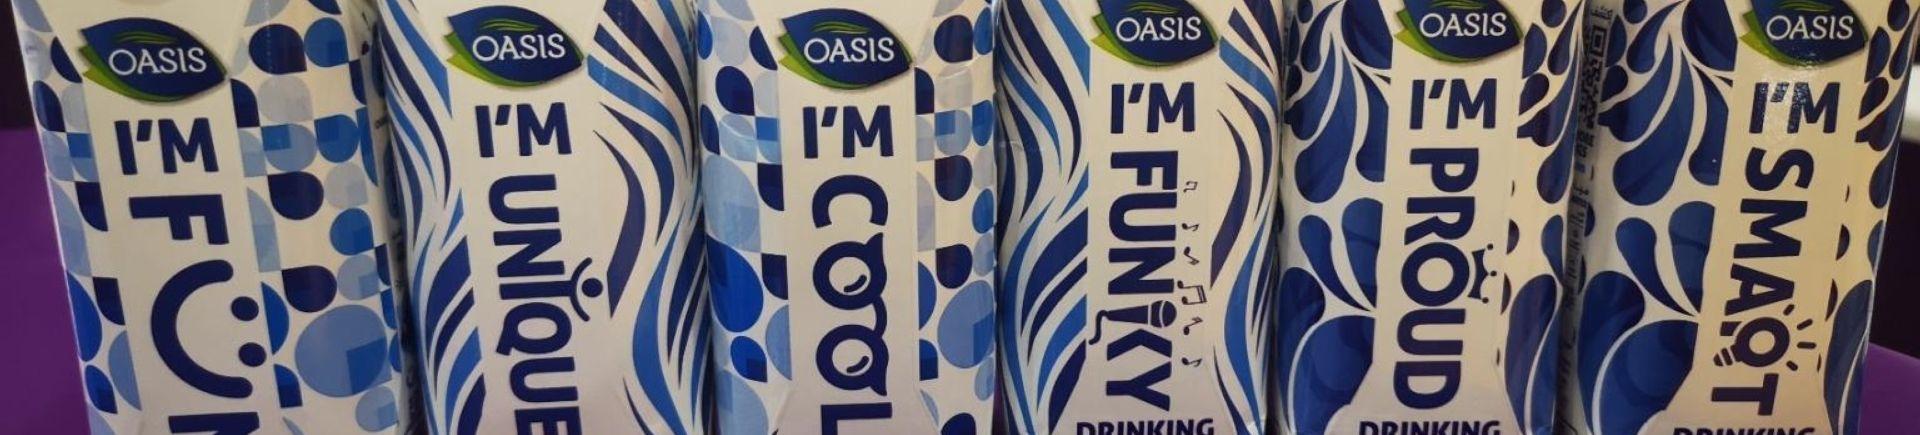 Oasis Tetra Pak